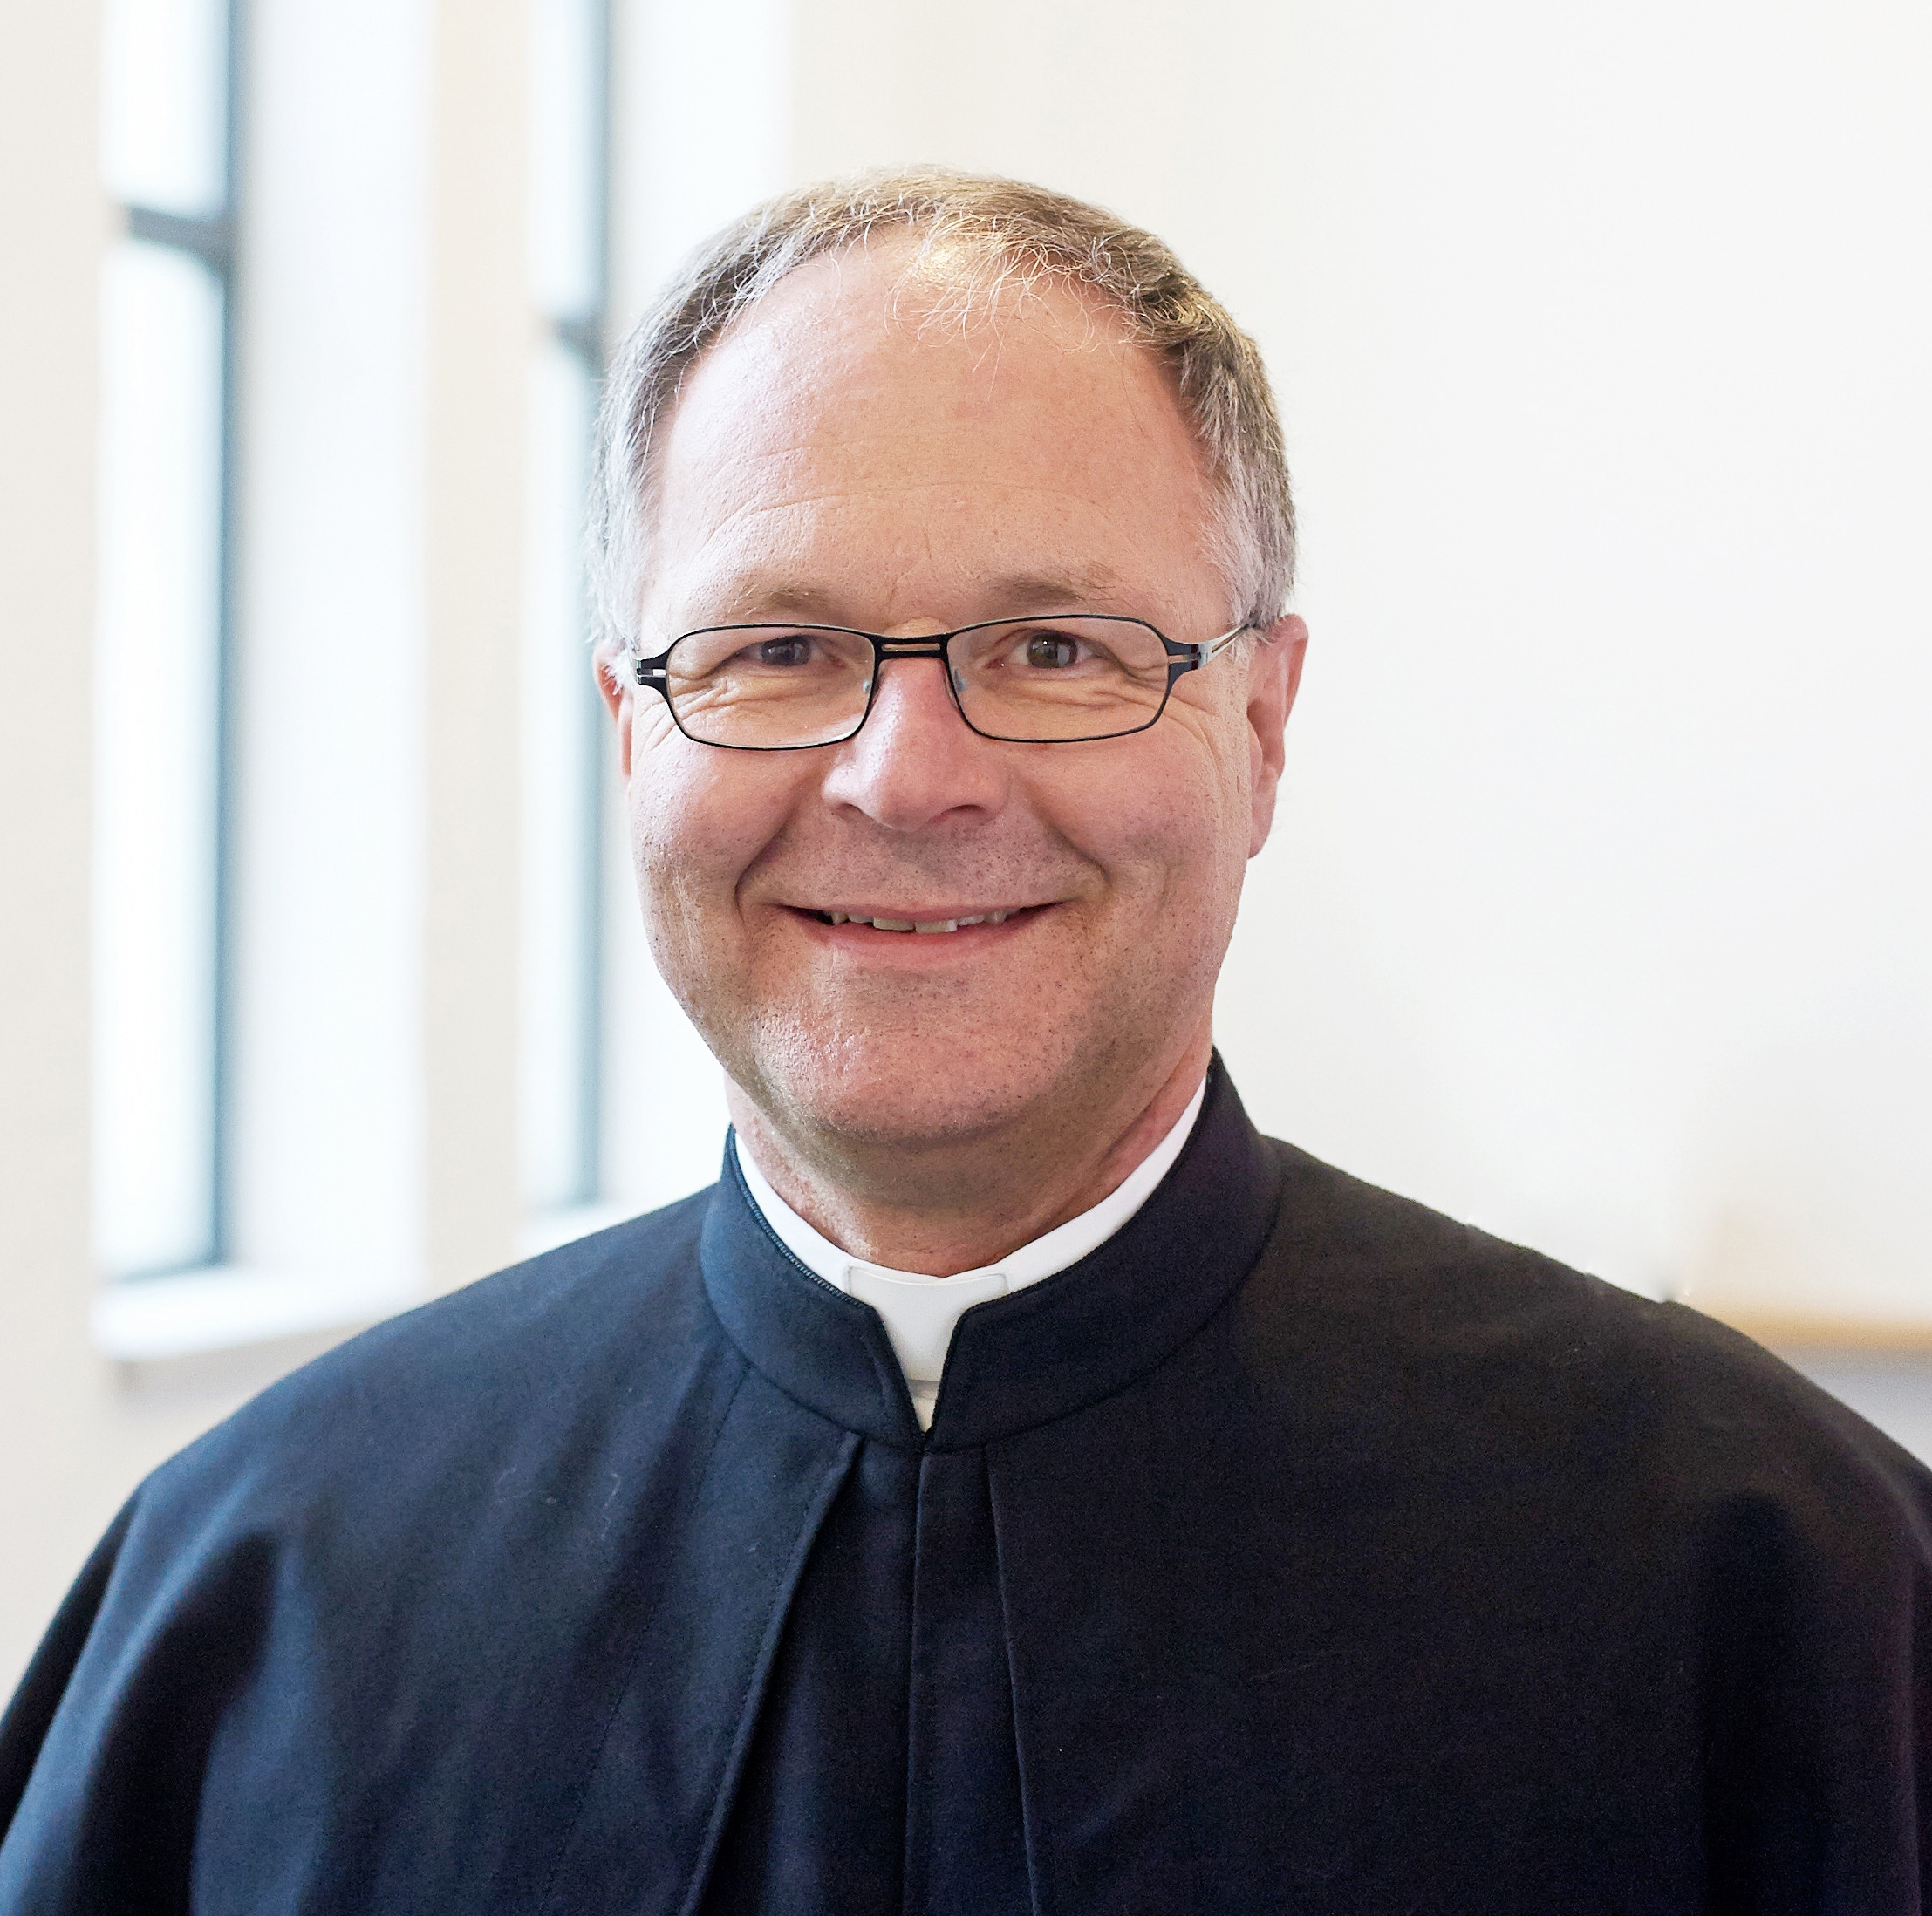 Pater Michael Pfenning SAC